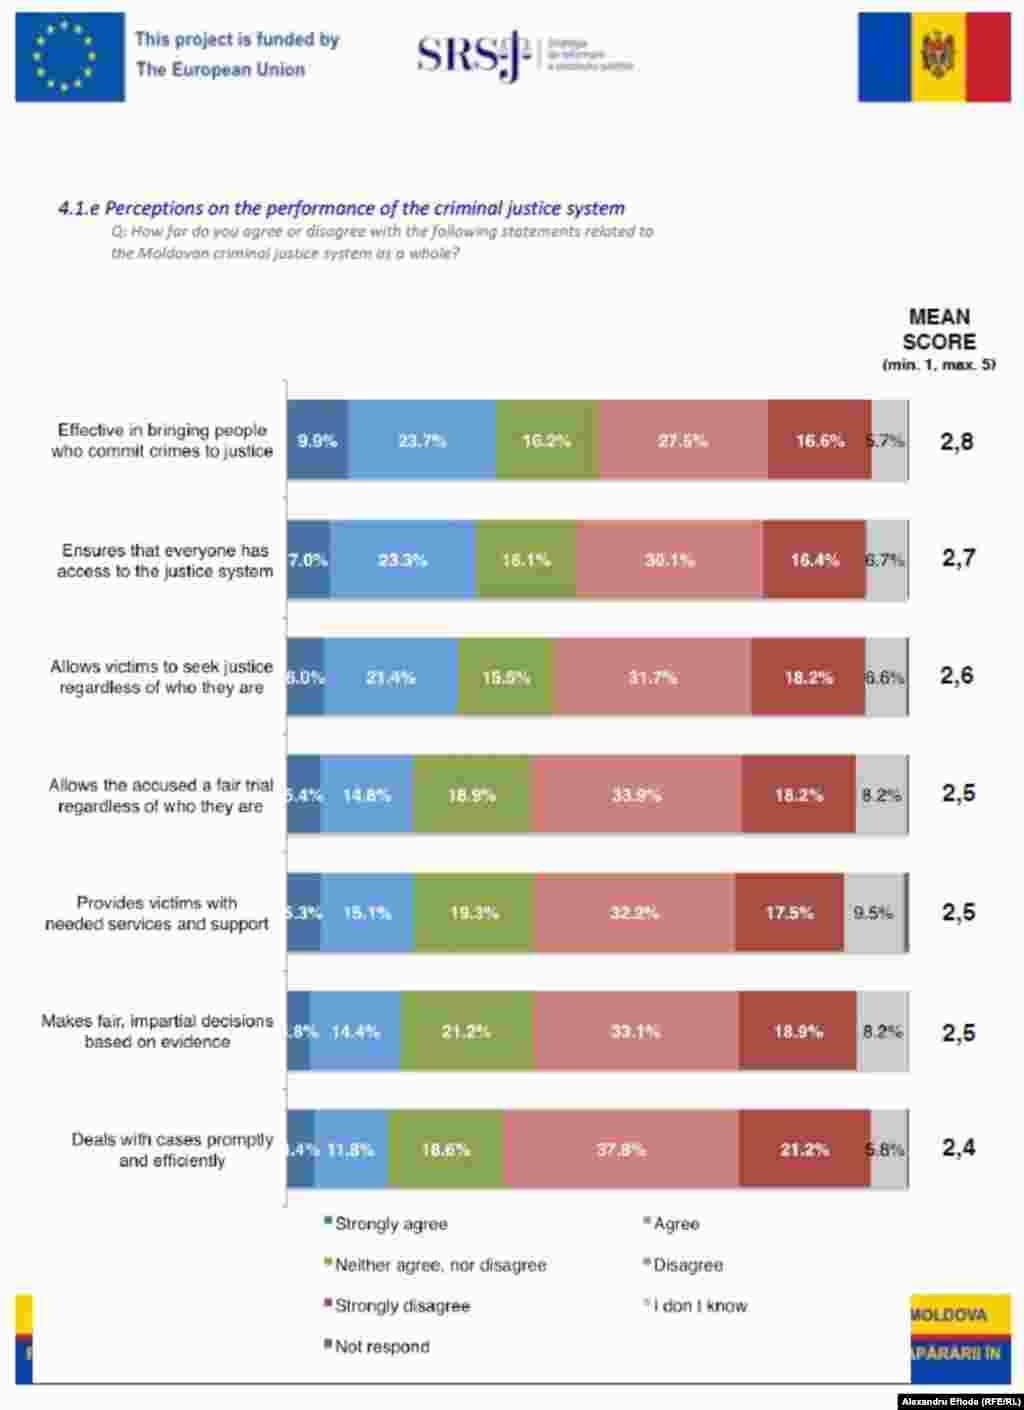 Majoritatea participanților la sondaj consideră că eficiența și corectitudinea justiției sunt reduse